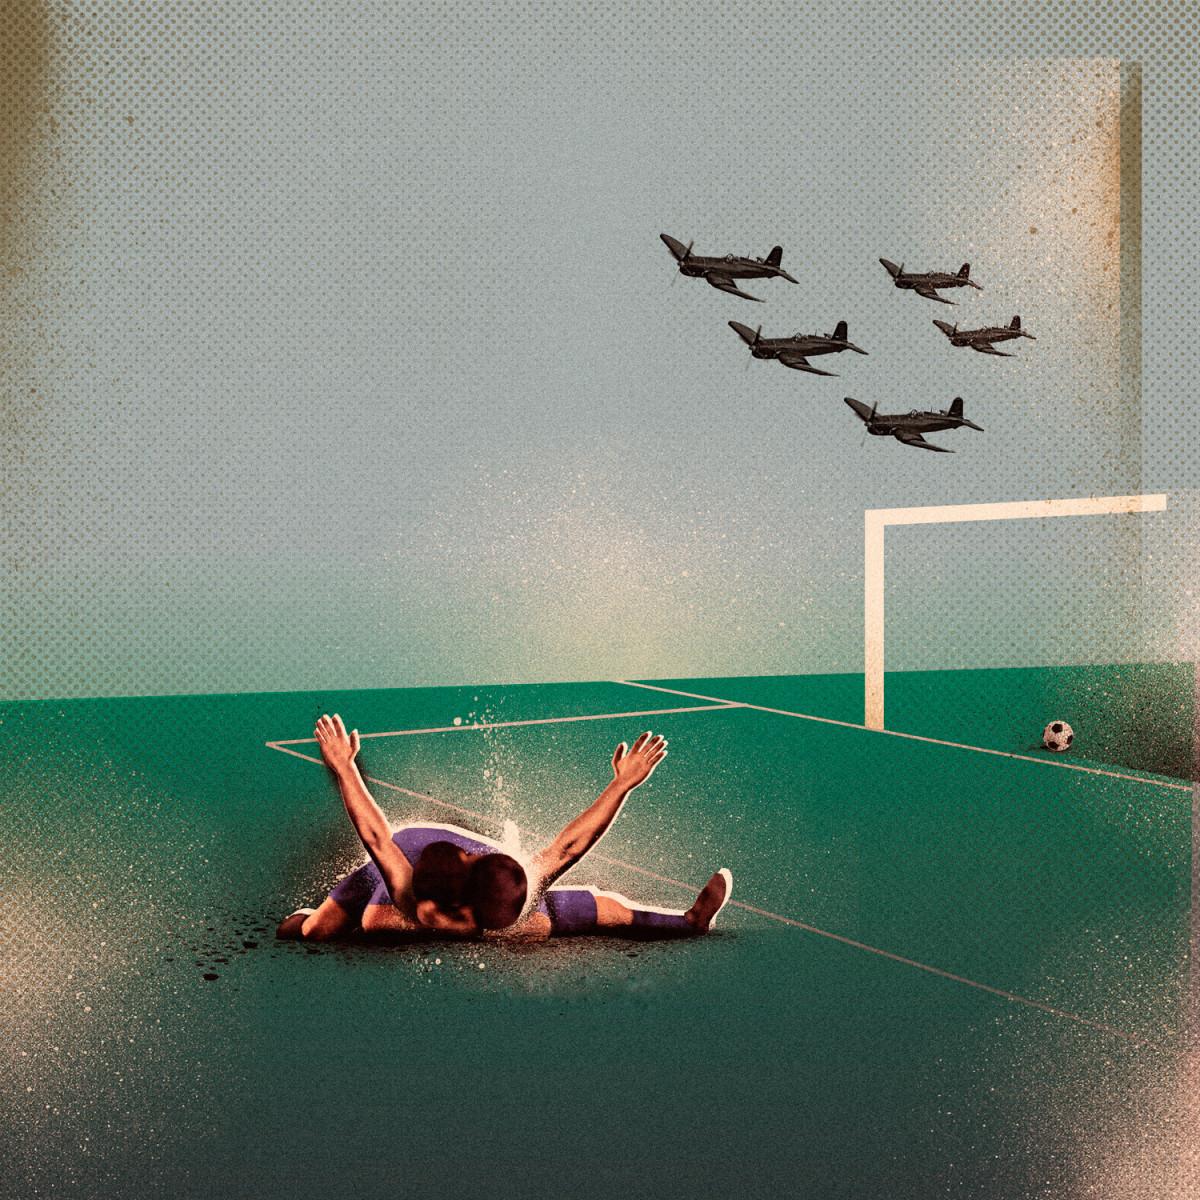 soccer-war-goal.jpg